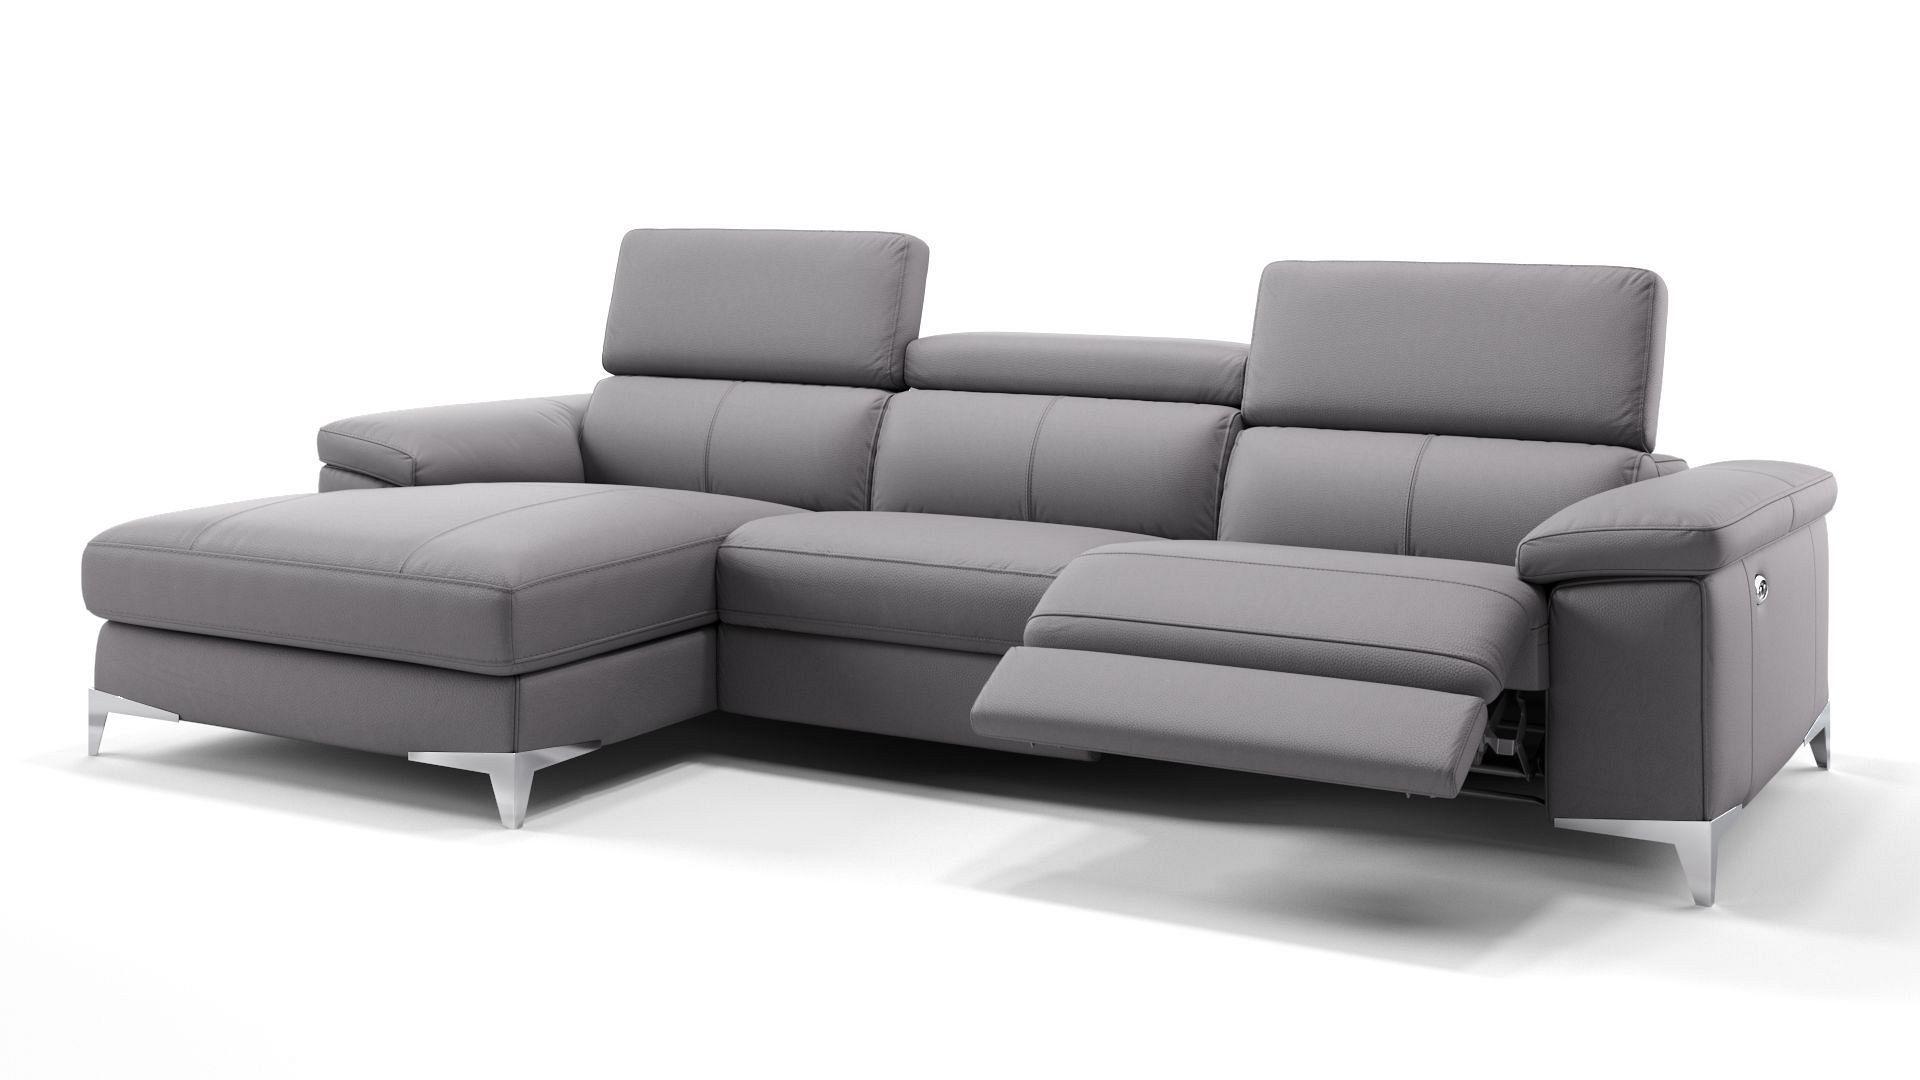 Full Size of Sofa Mit Relaxfunktion Elektrisch Leder Couch Verstellbar Ecksofa 3er Elektrischer Sitztiefenverstellung 3 Sitzer 2 Elektrische Zweisitzer 5 Petrol Angebote Sofa Sofa Mit Relaxfunktion Elektrisch